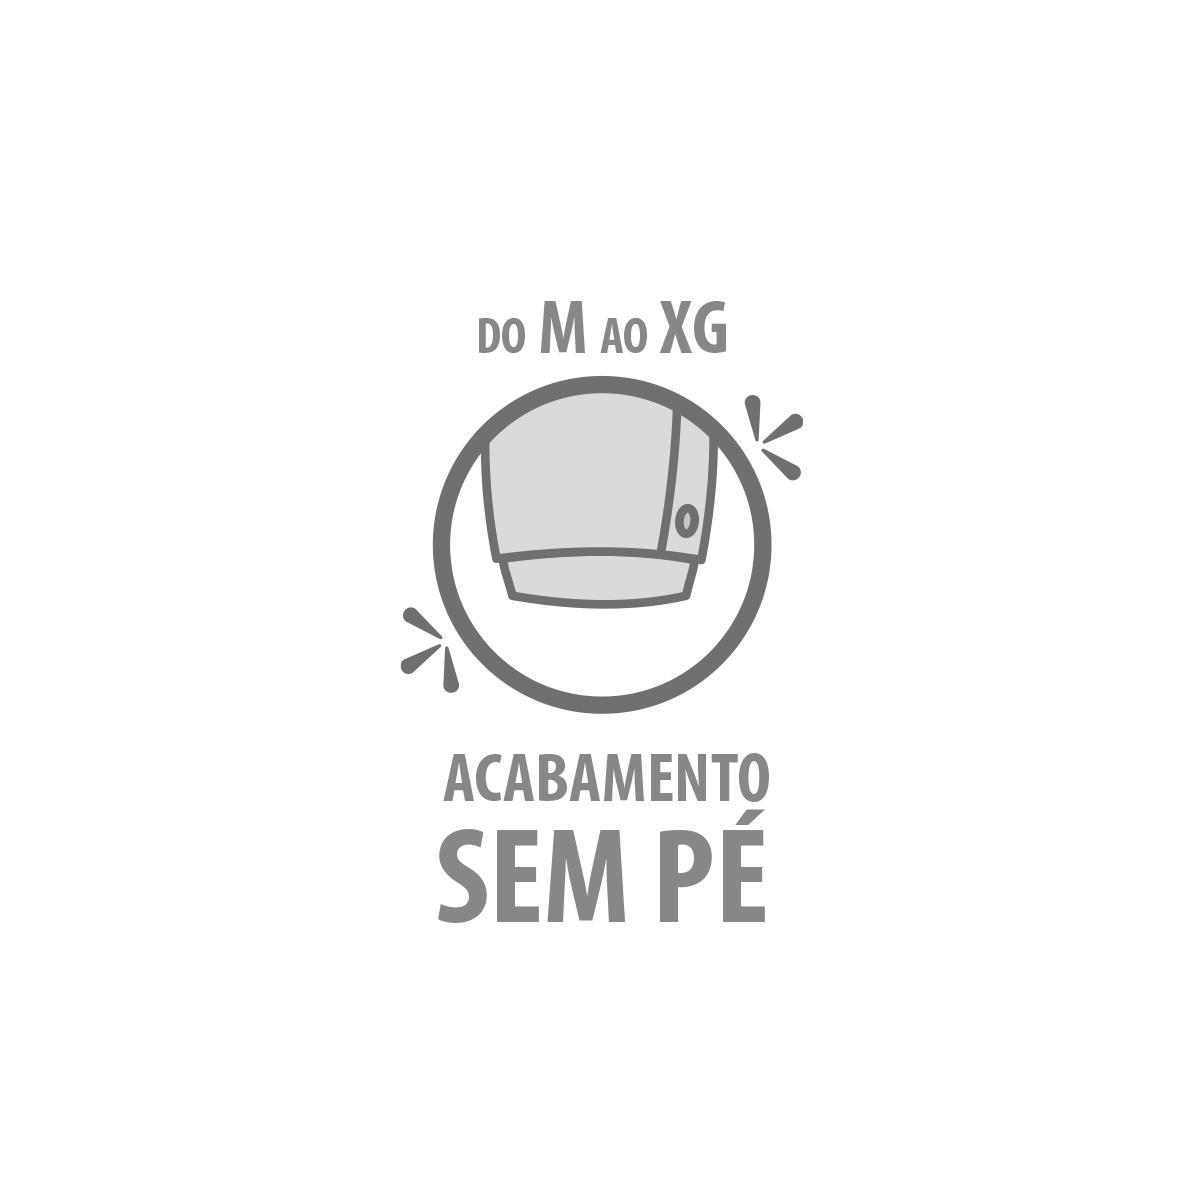 Macacão Soft Unicórnio Rosa - Tamanhos RN e P com pezinho; M, G e XG sem pezinho  - Piu Blu